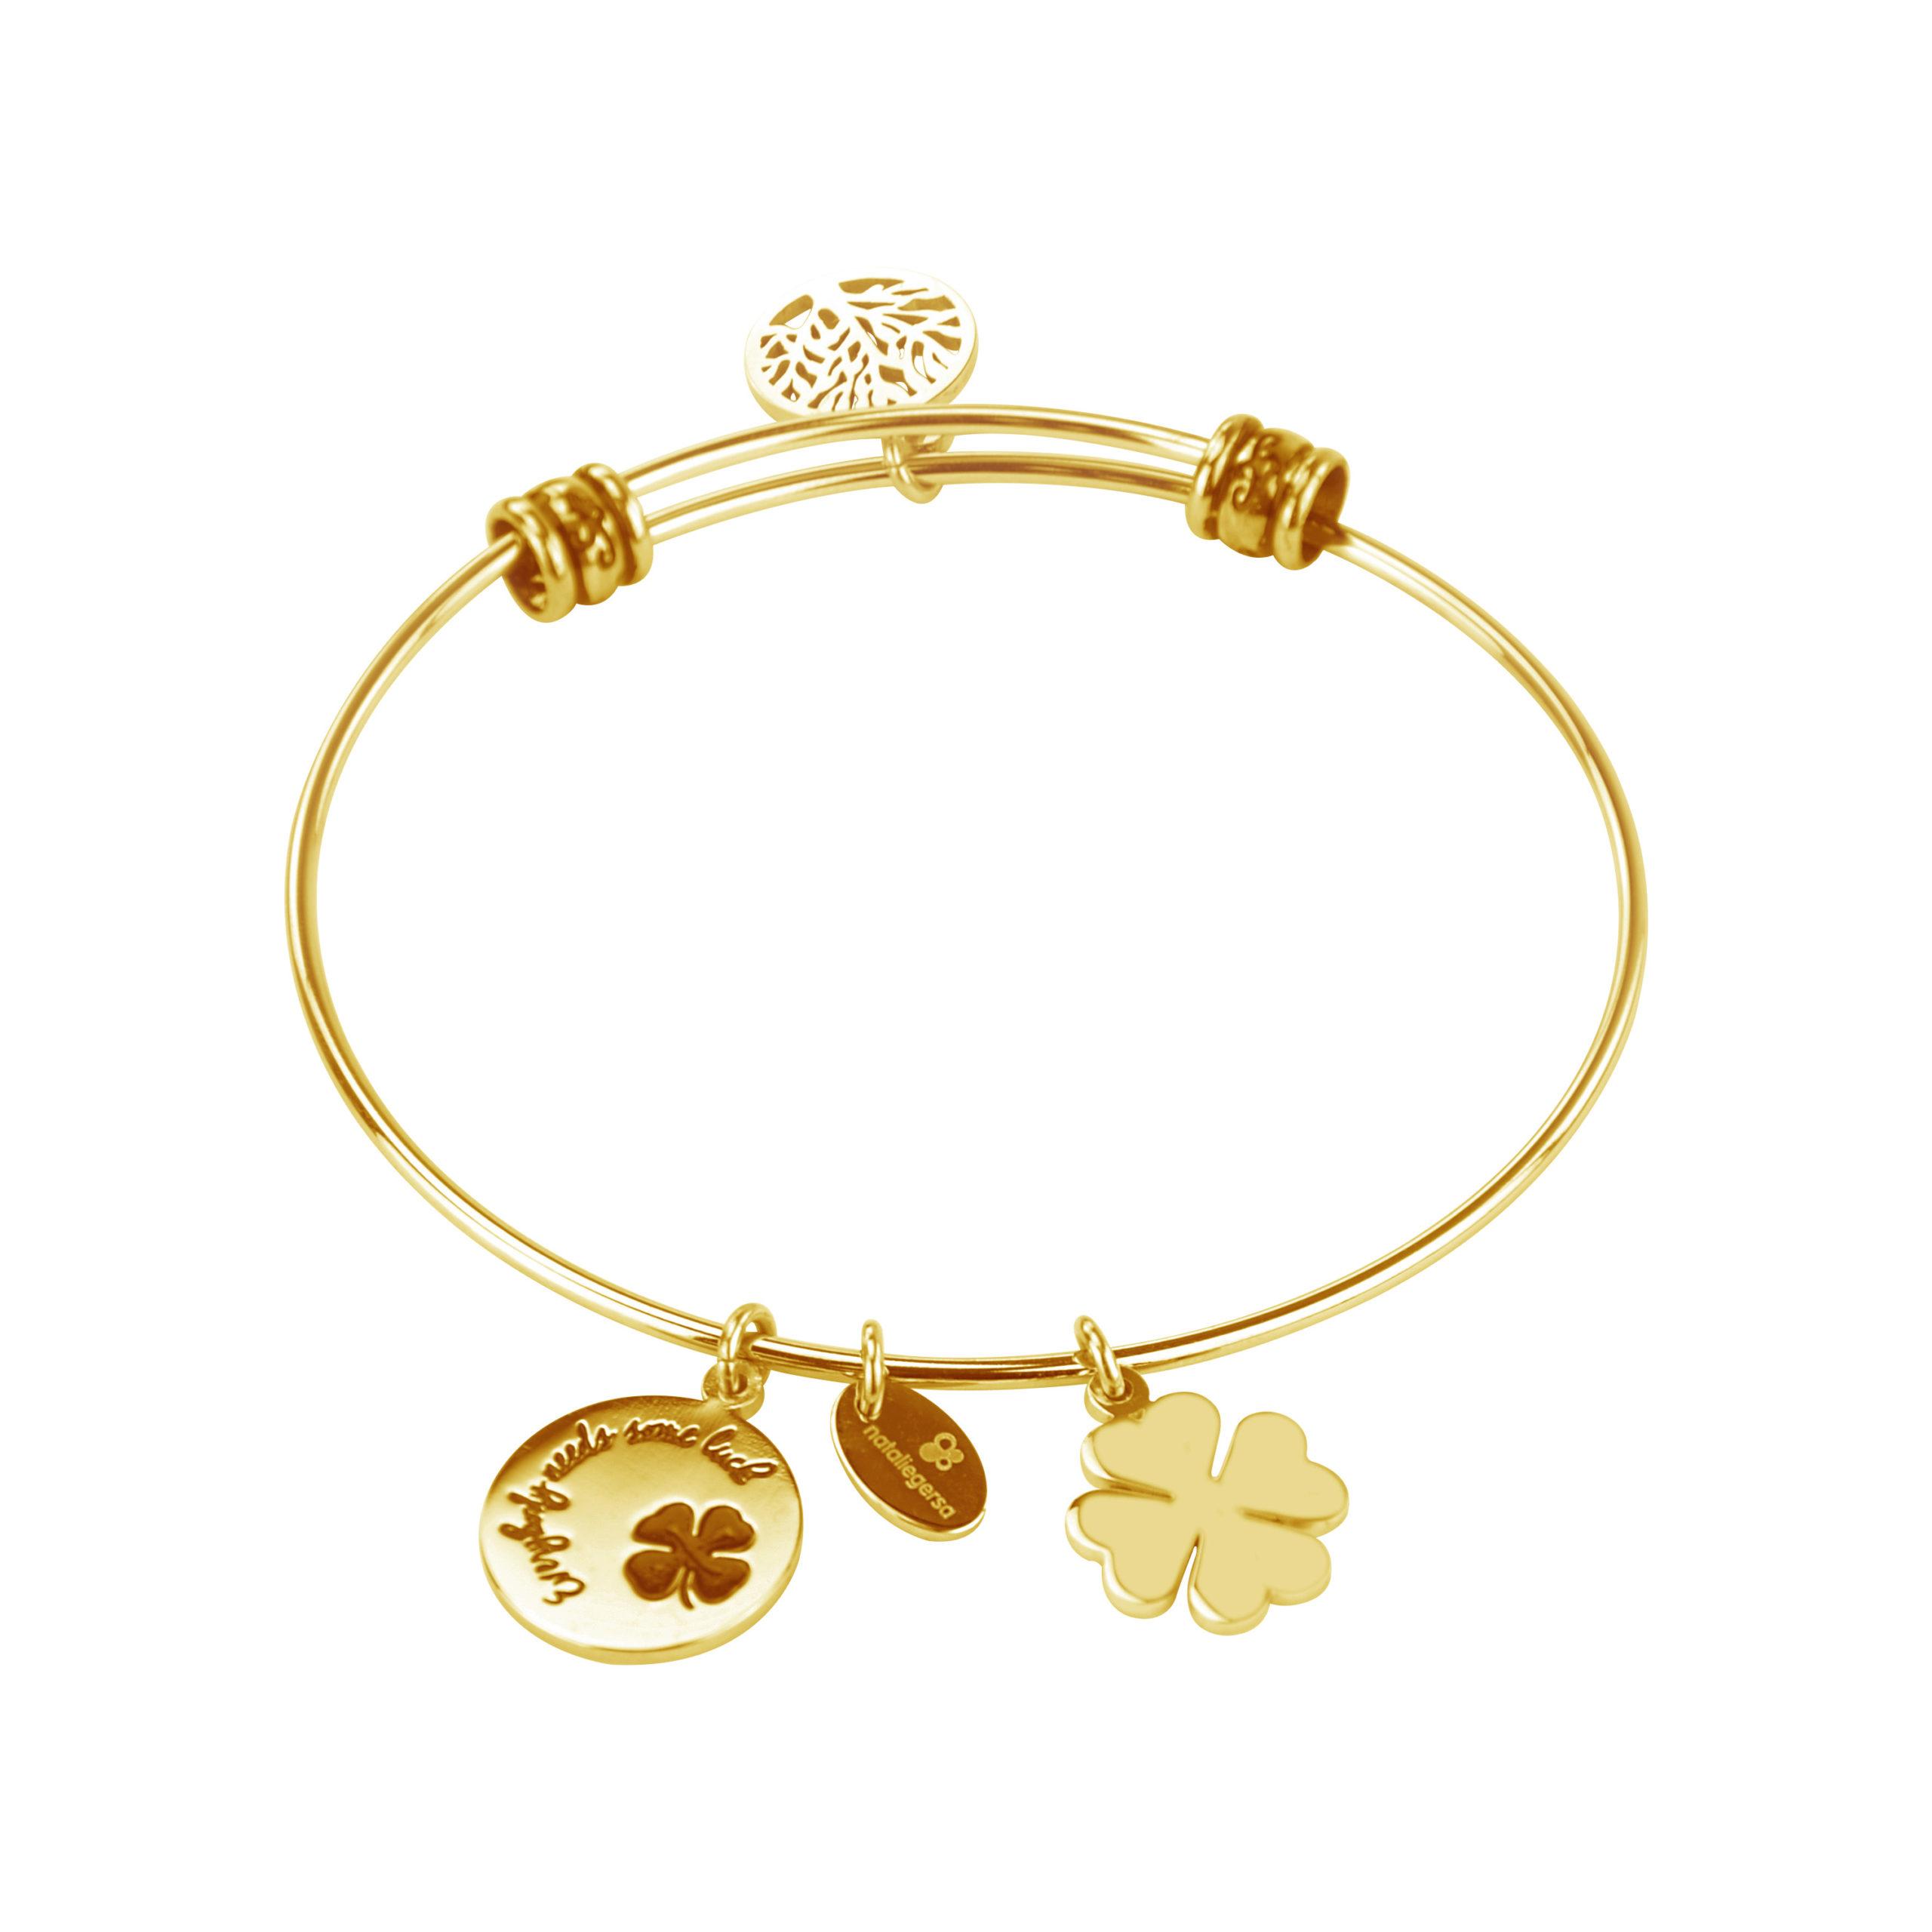 Βραχιόλι Natalie Gersa - EVERYBODY NEEDS SOME LUCK Χρυσό